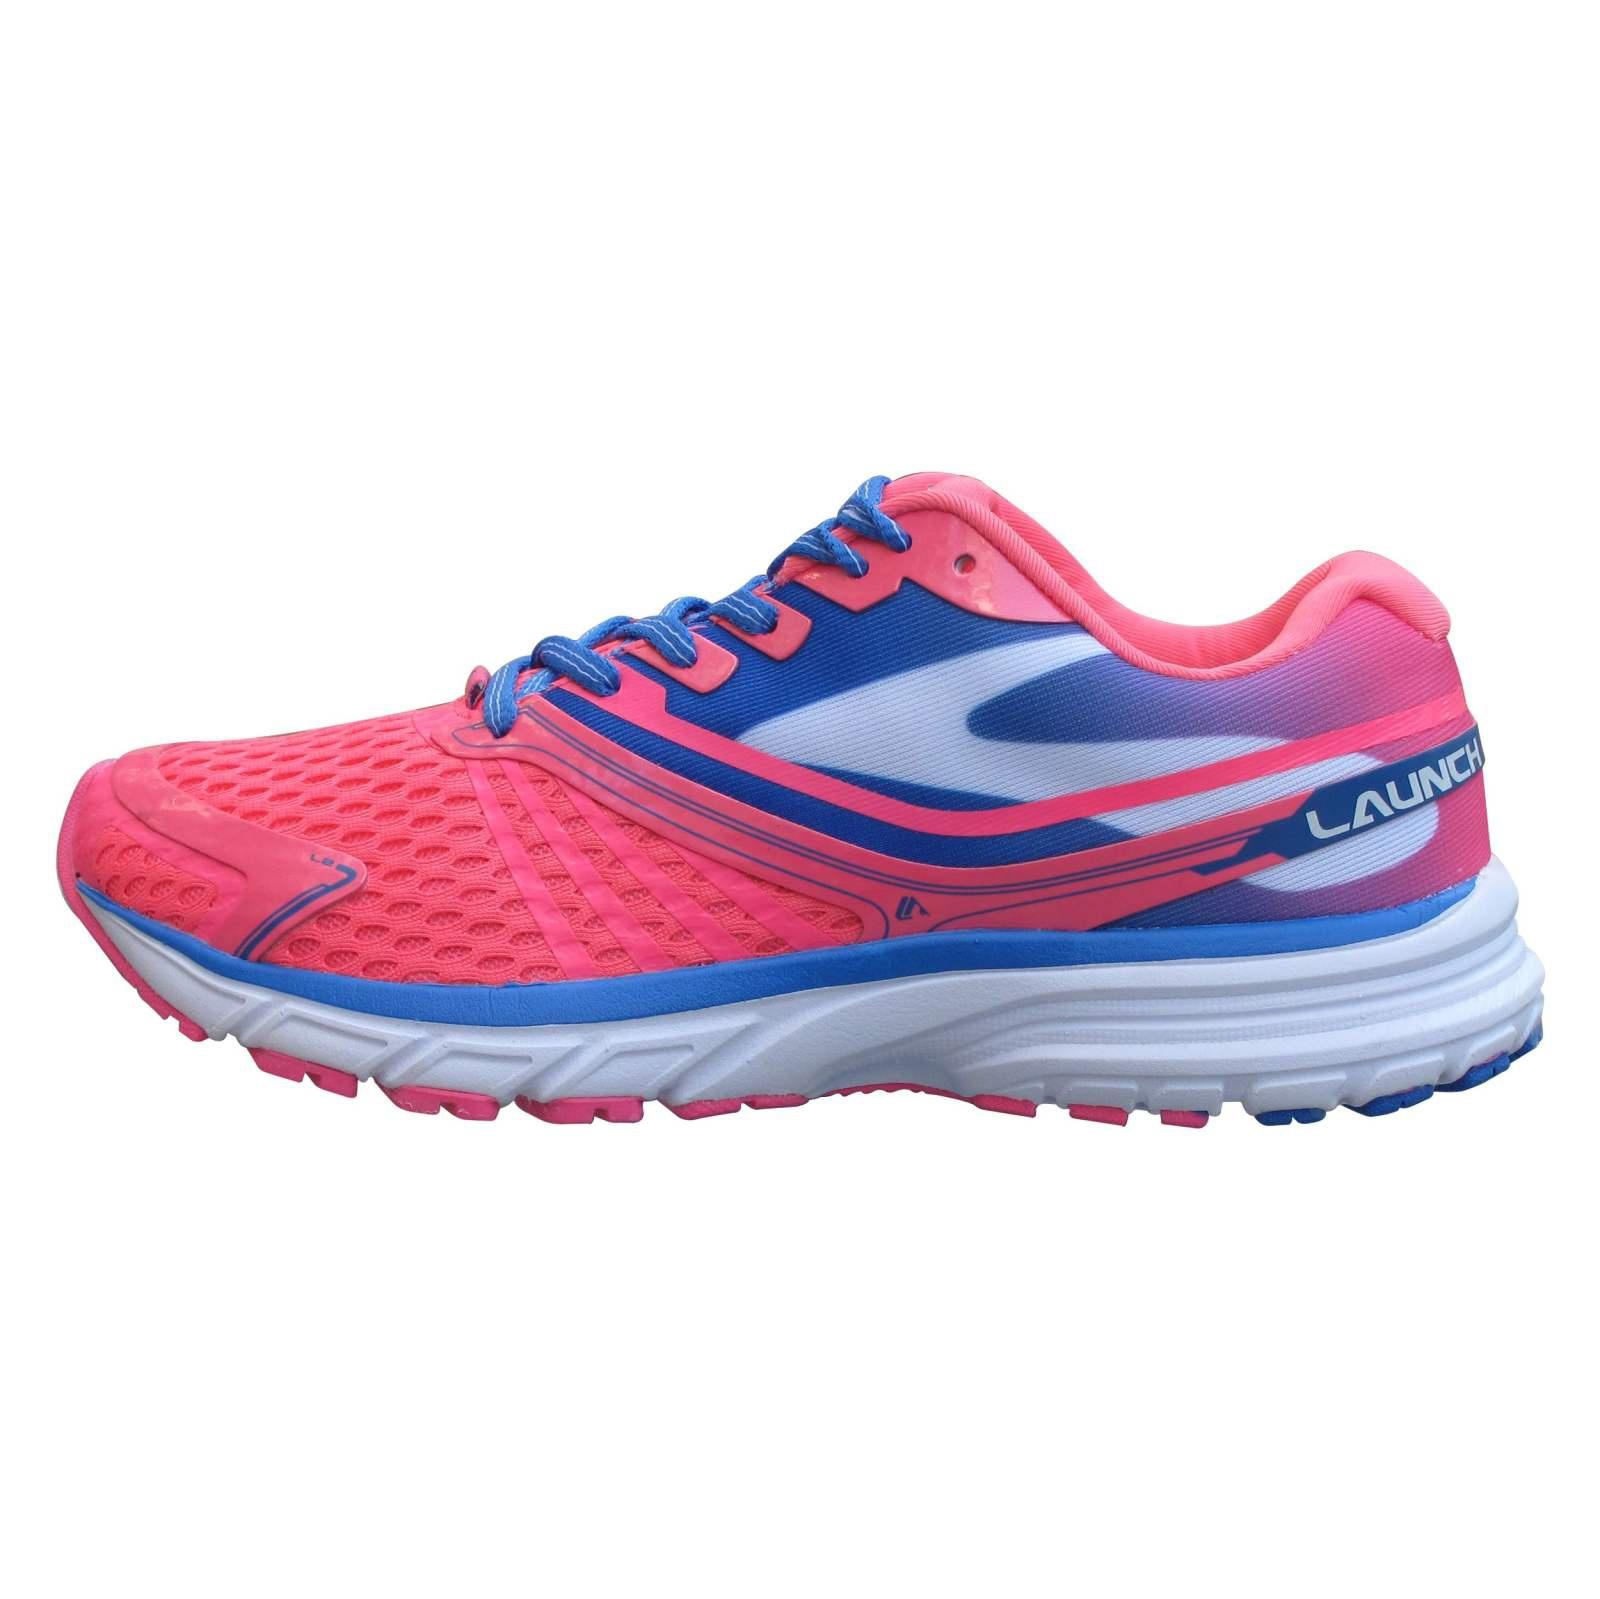 کفش مخصوص دویدن زنانه بروکس مدل launch